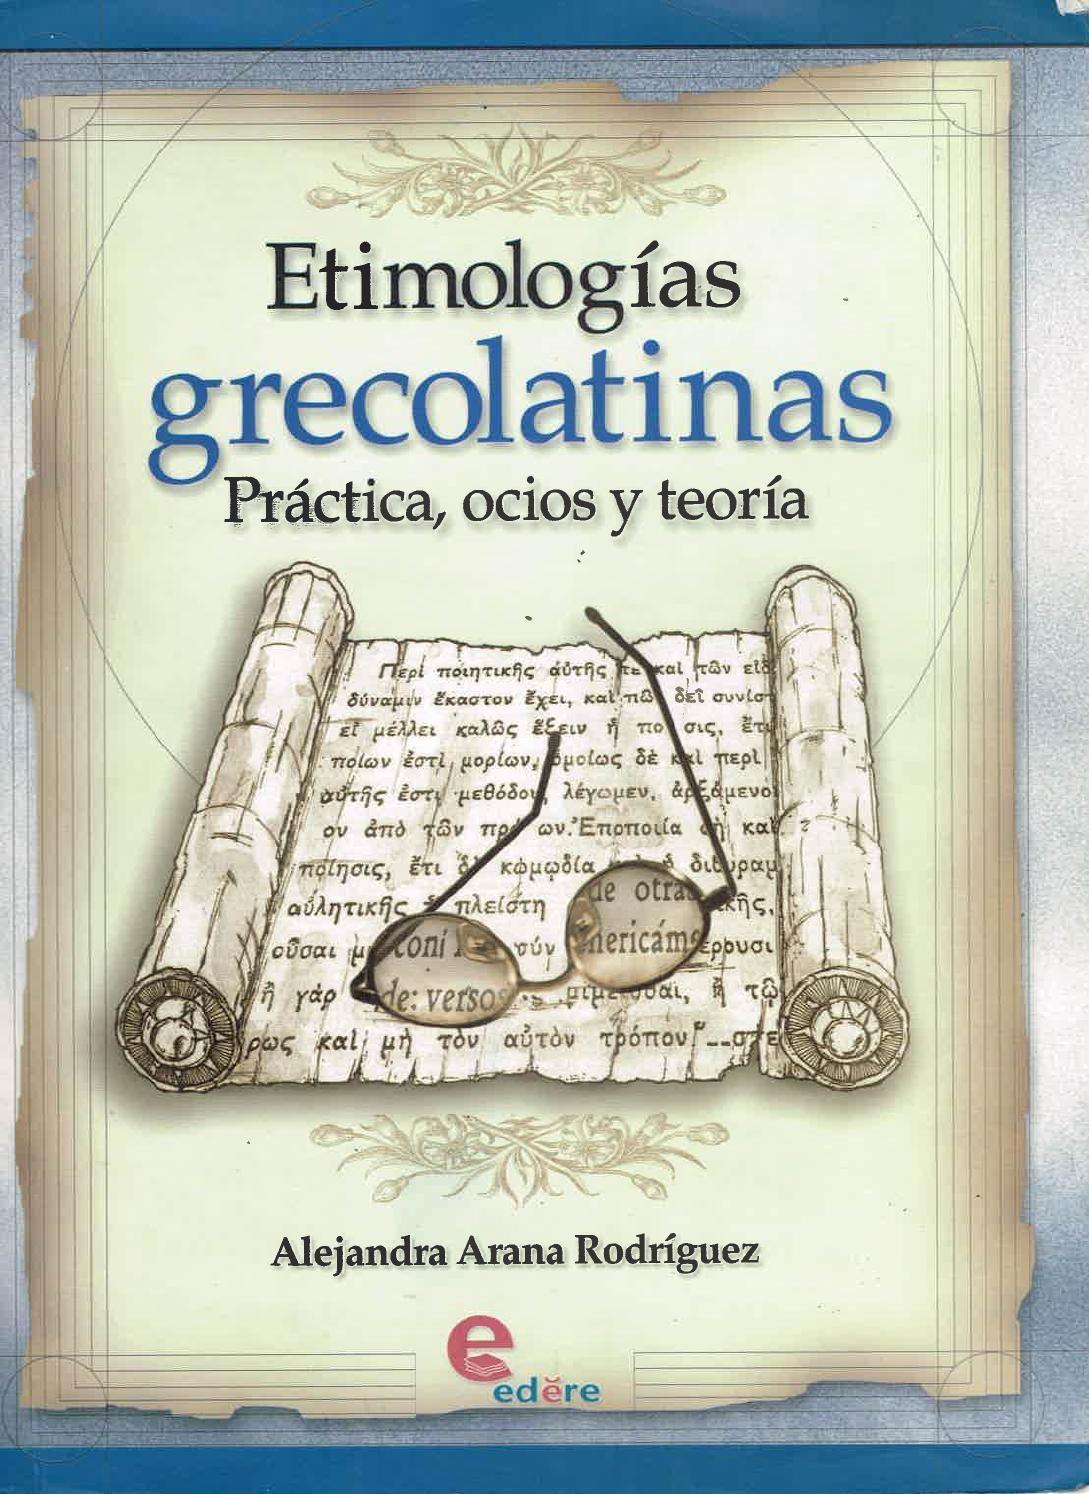 Diccionario De Etimologias Grecolatinas Ebook Download